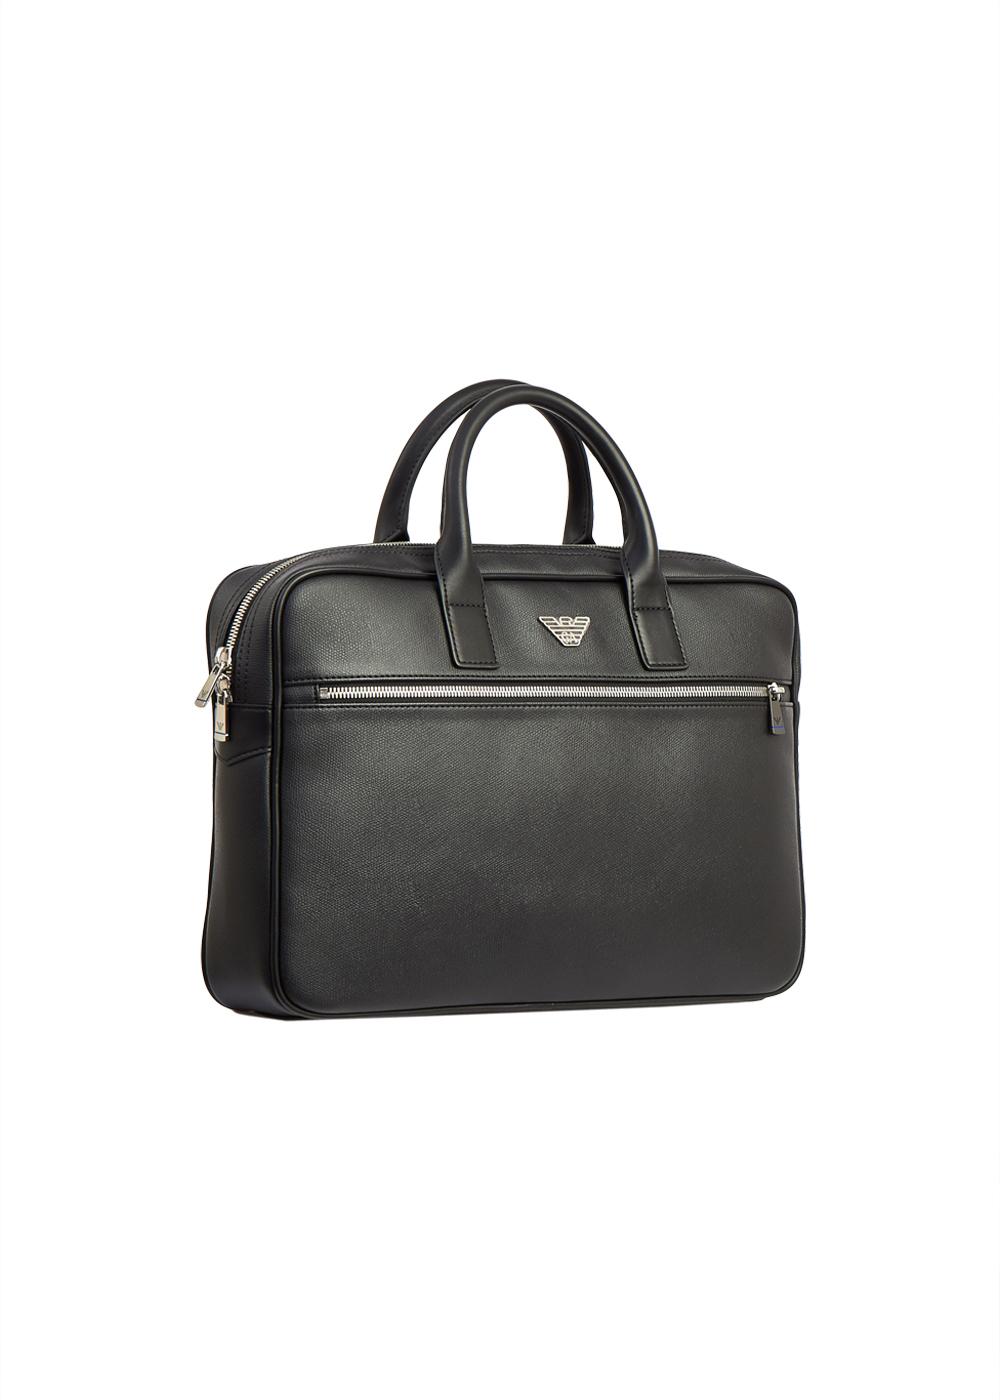 Купить Emporio Armani портфель